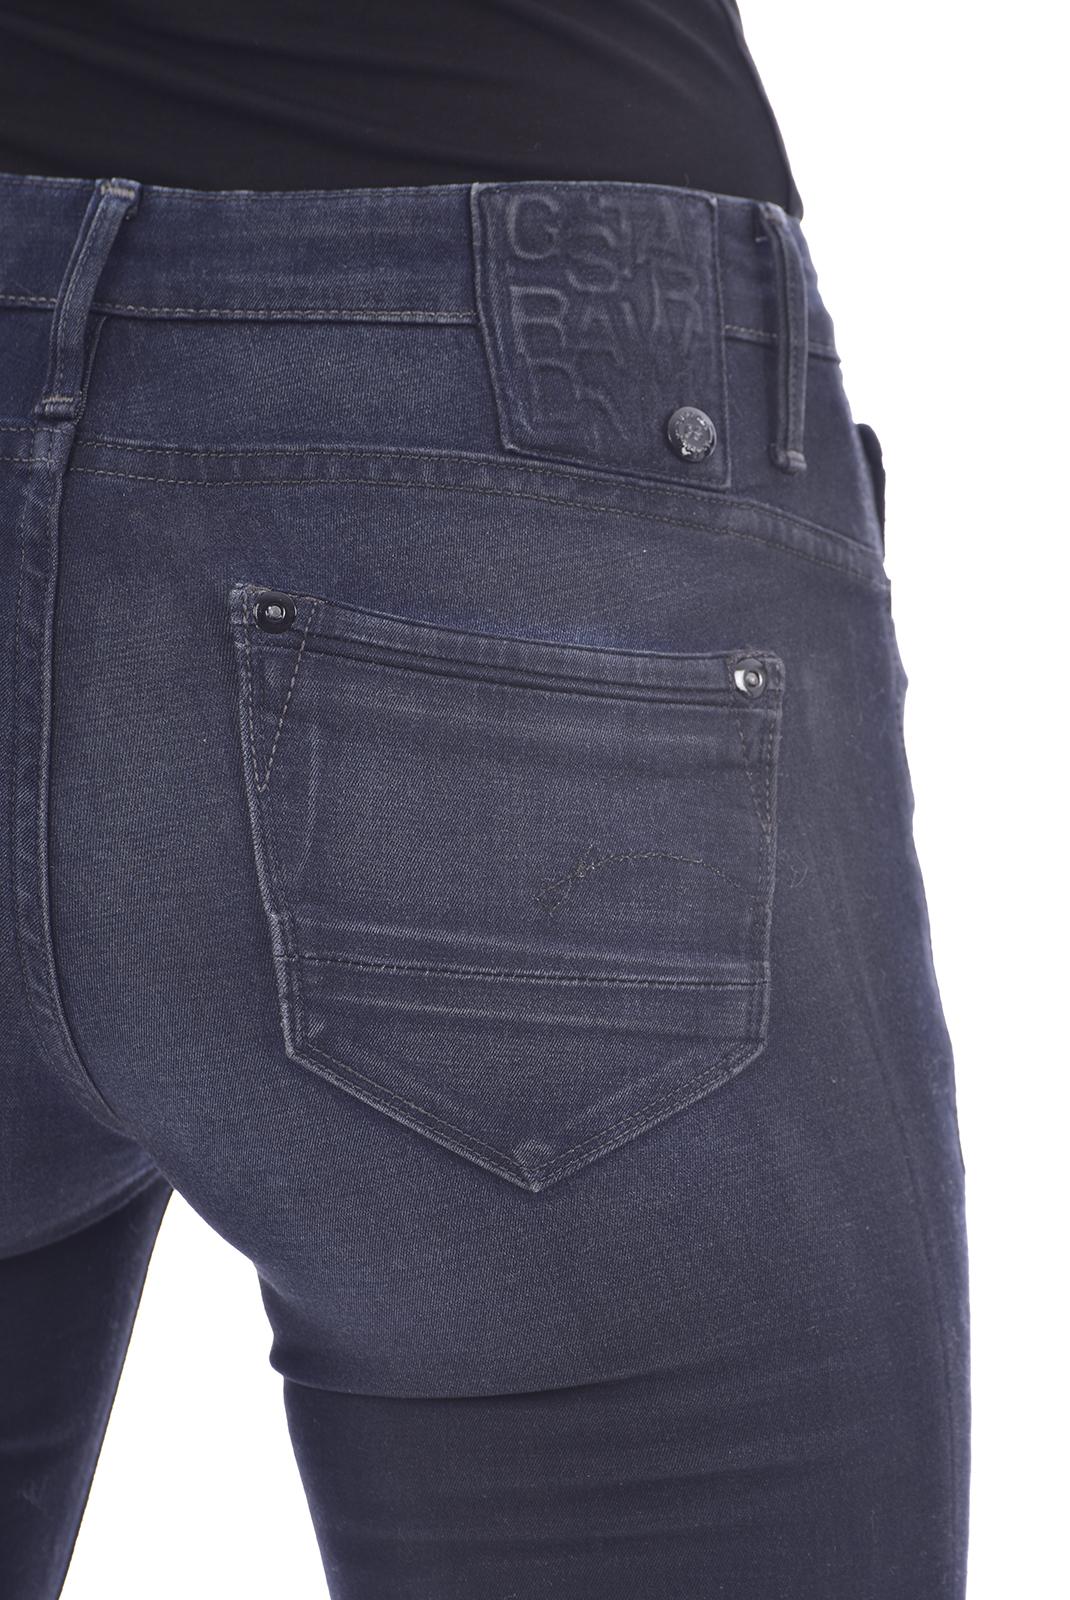 Jeans   G-star 60818.4661.89 Midge BLEU